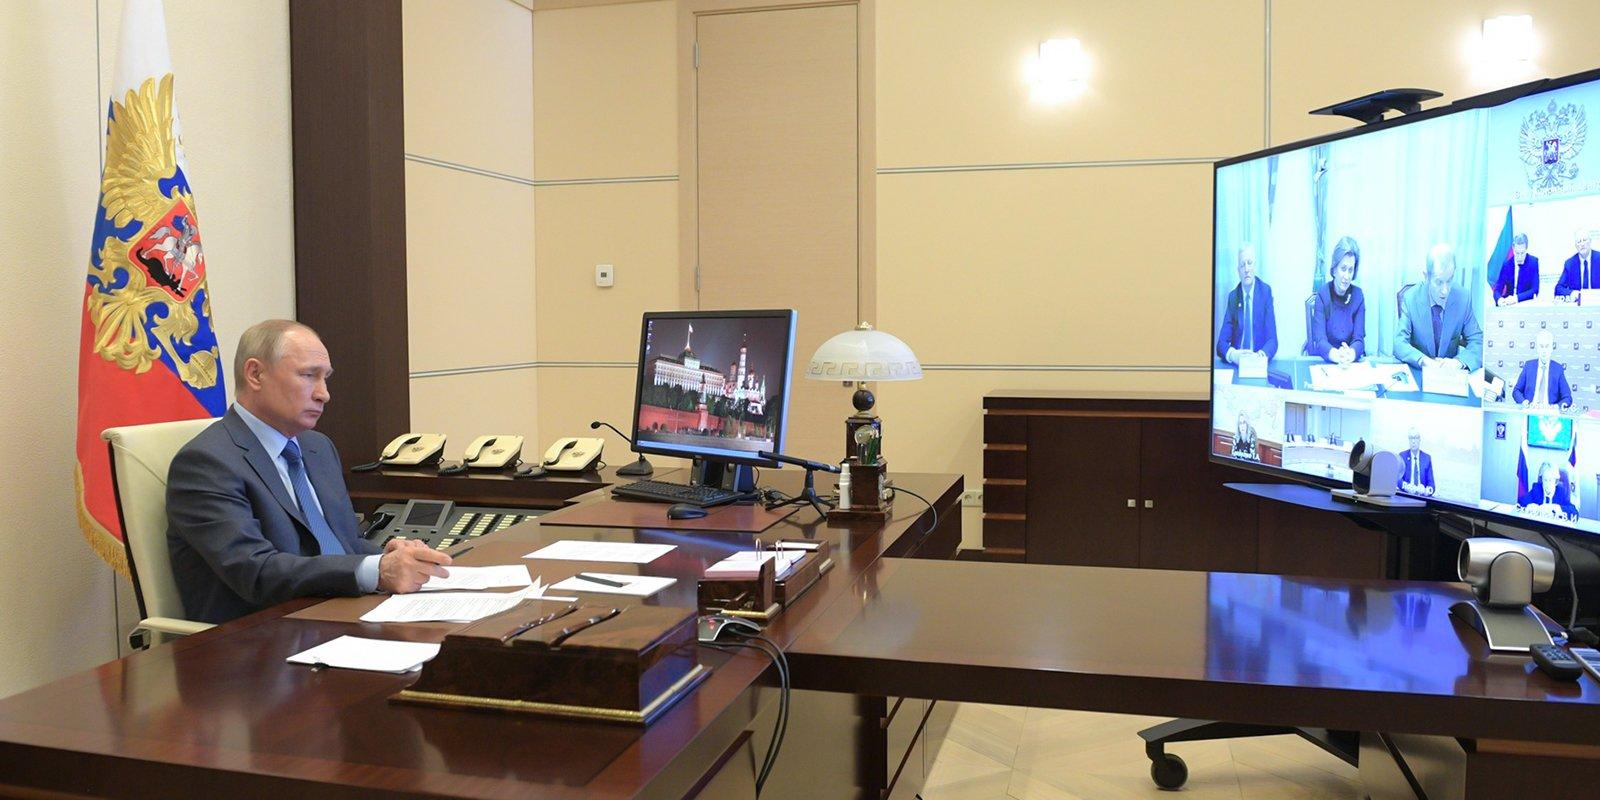 Фото: Пресс-служба Президента Российской Федерации